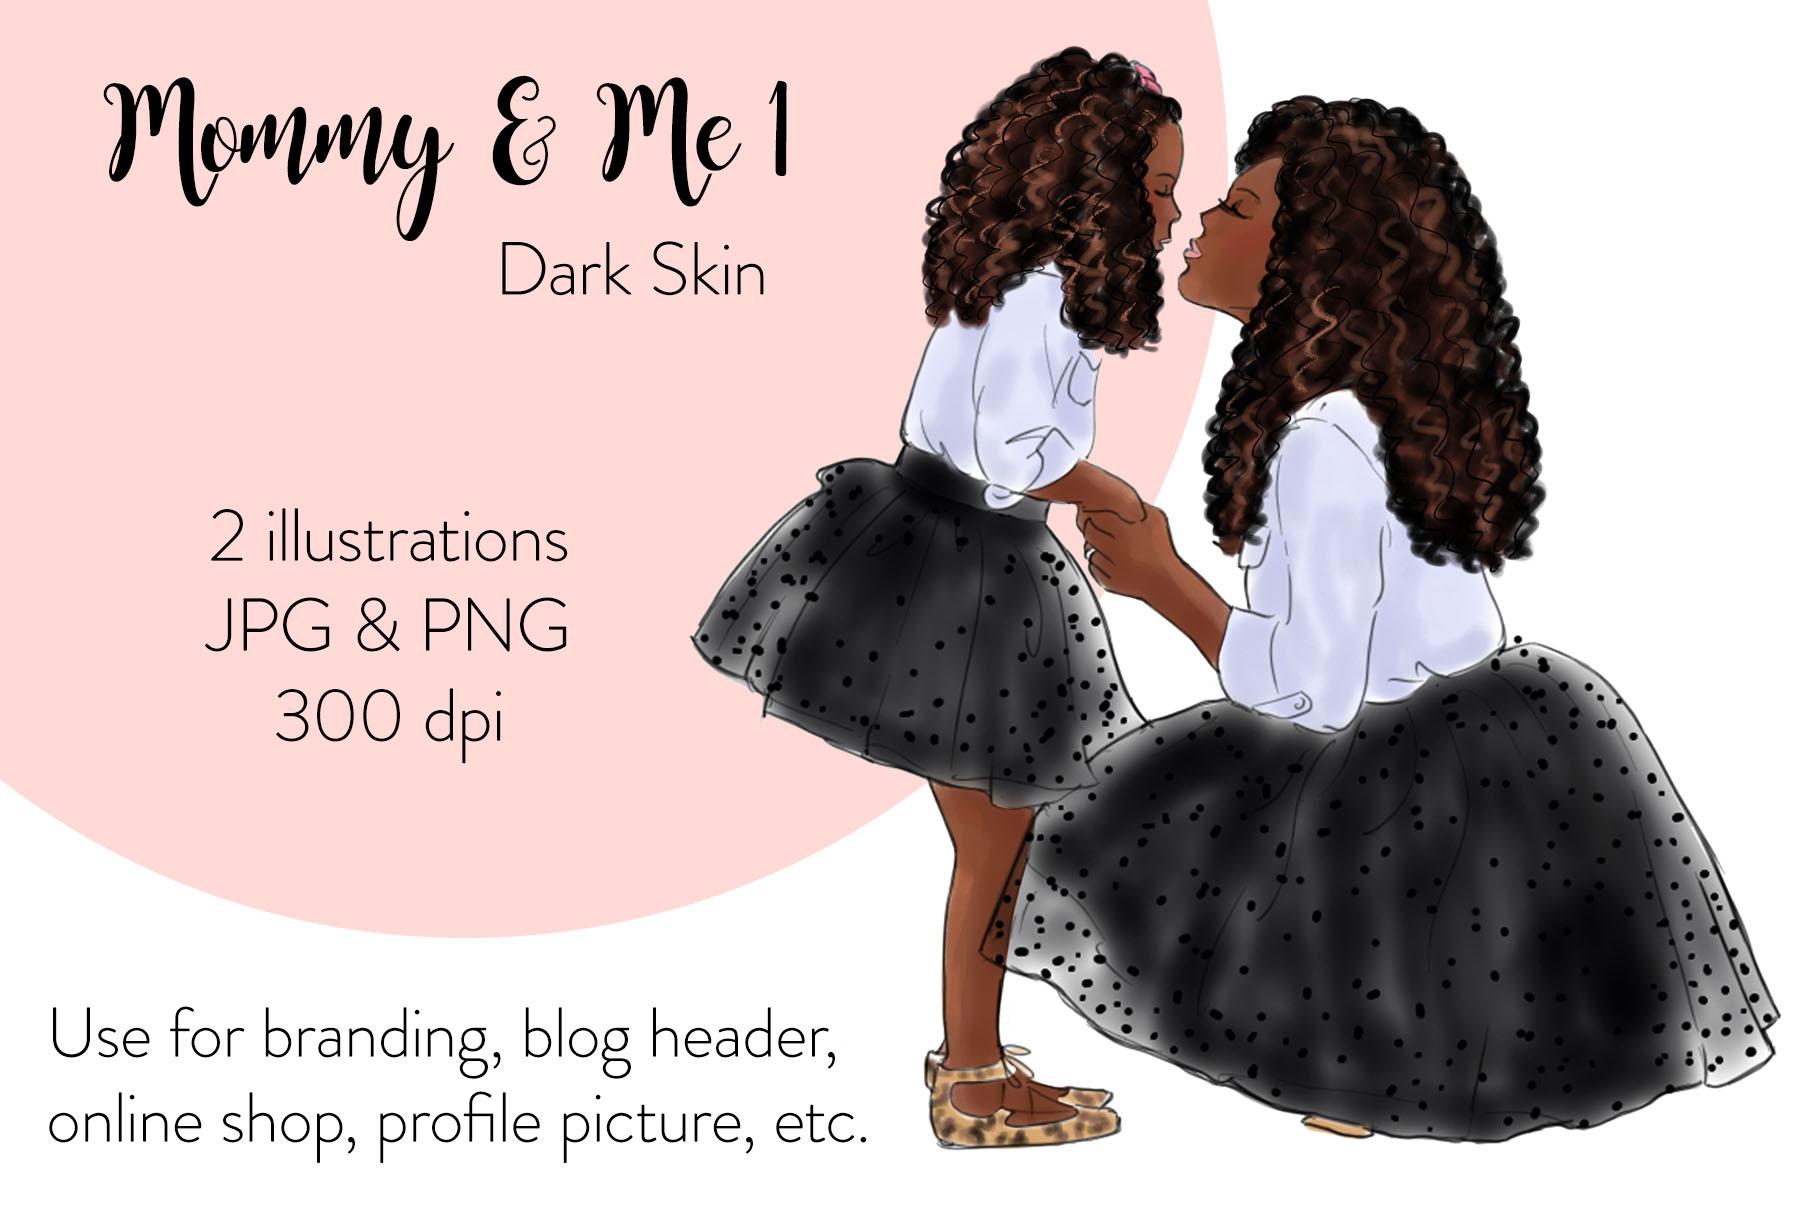 Fashion illustration - Mommy & Me 1 - Dark Skin example image 1